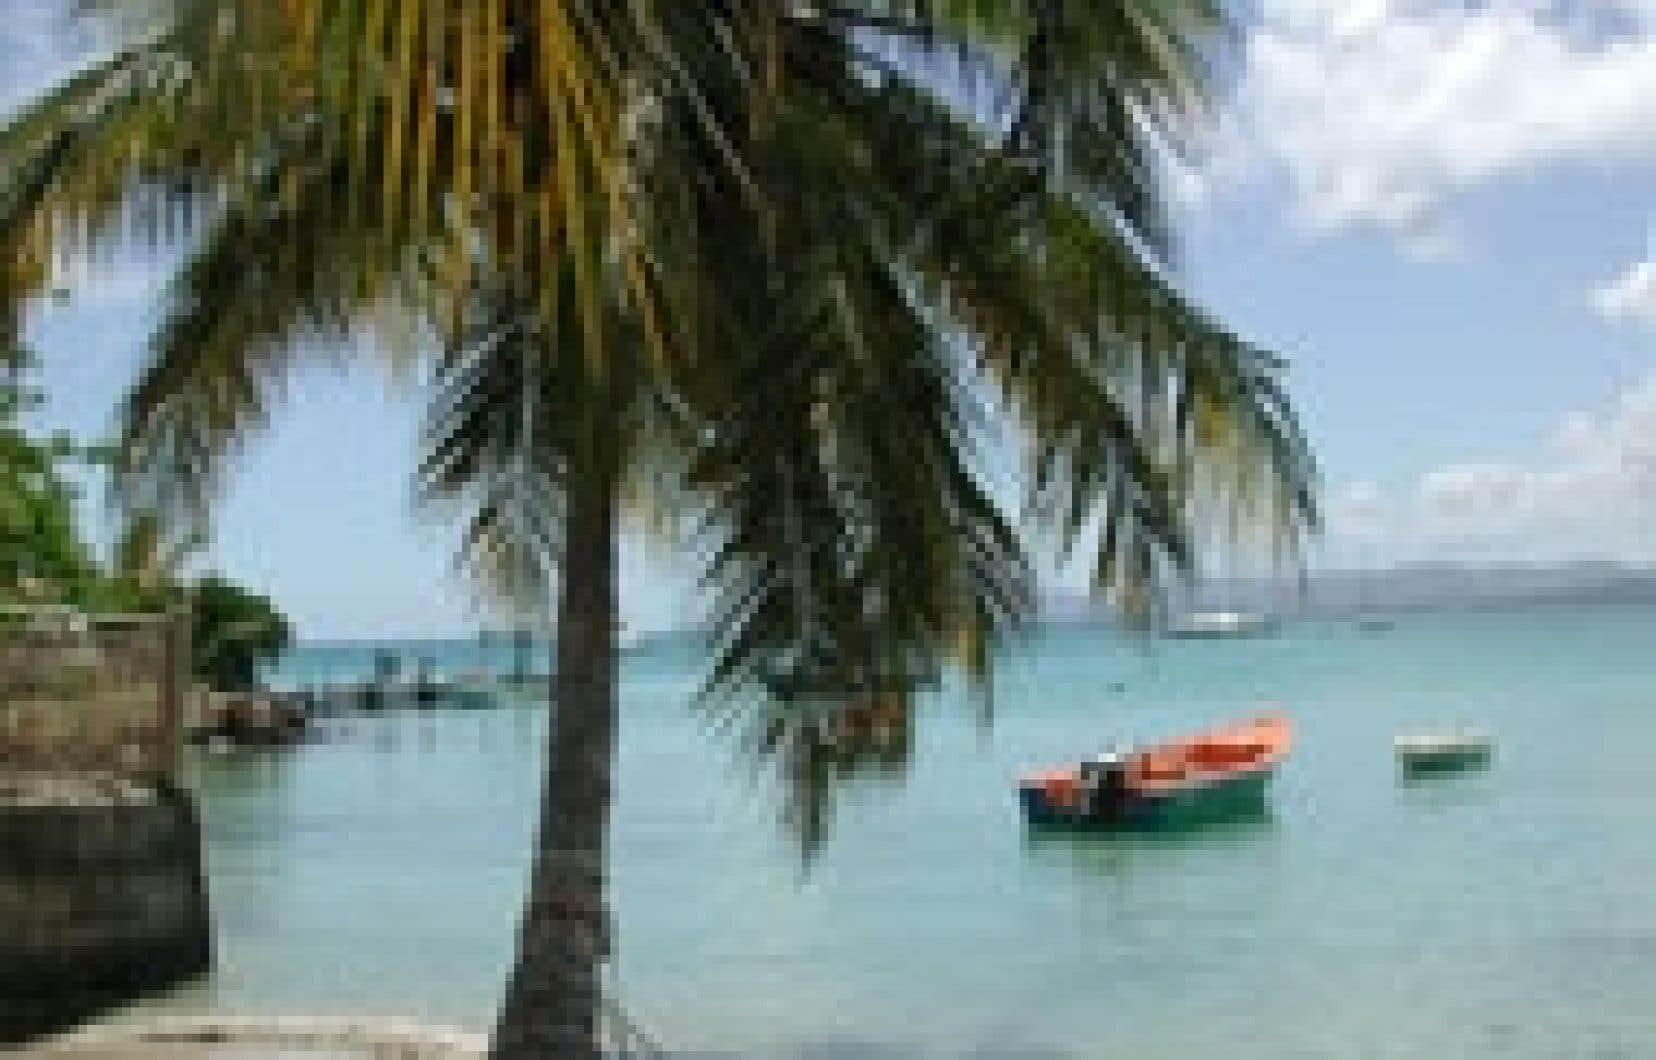 Oui, la Martinique a les plages, les palmiers, la chaleur, le sable fin, mais non, ce n'est pas une destination soleil comme les autres.